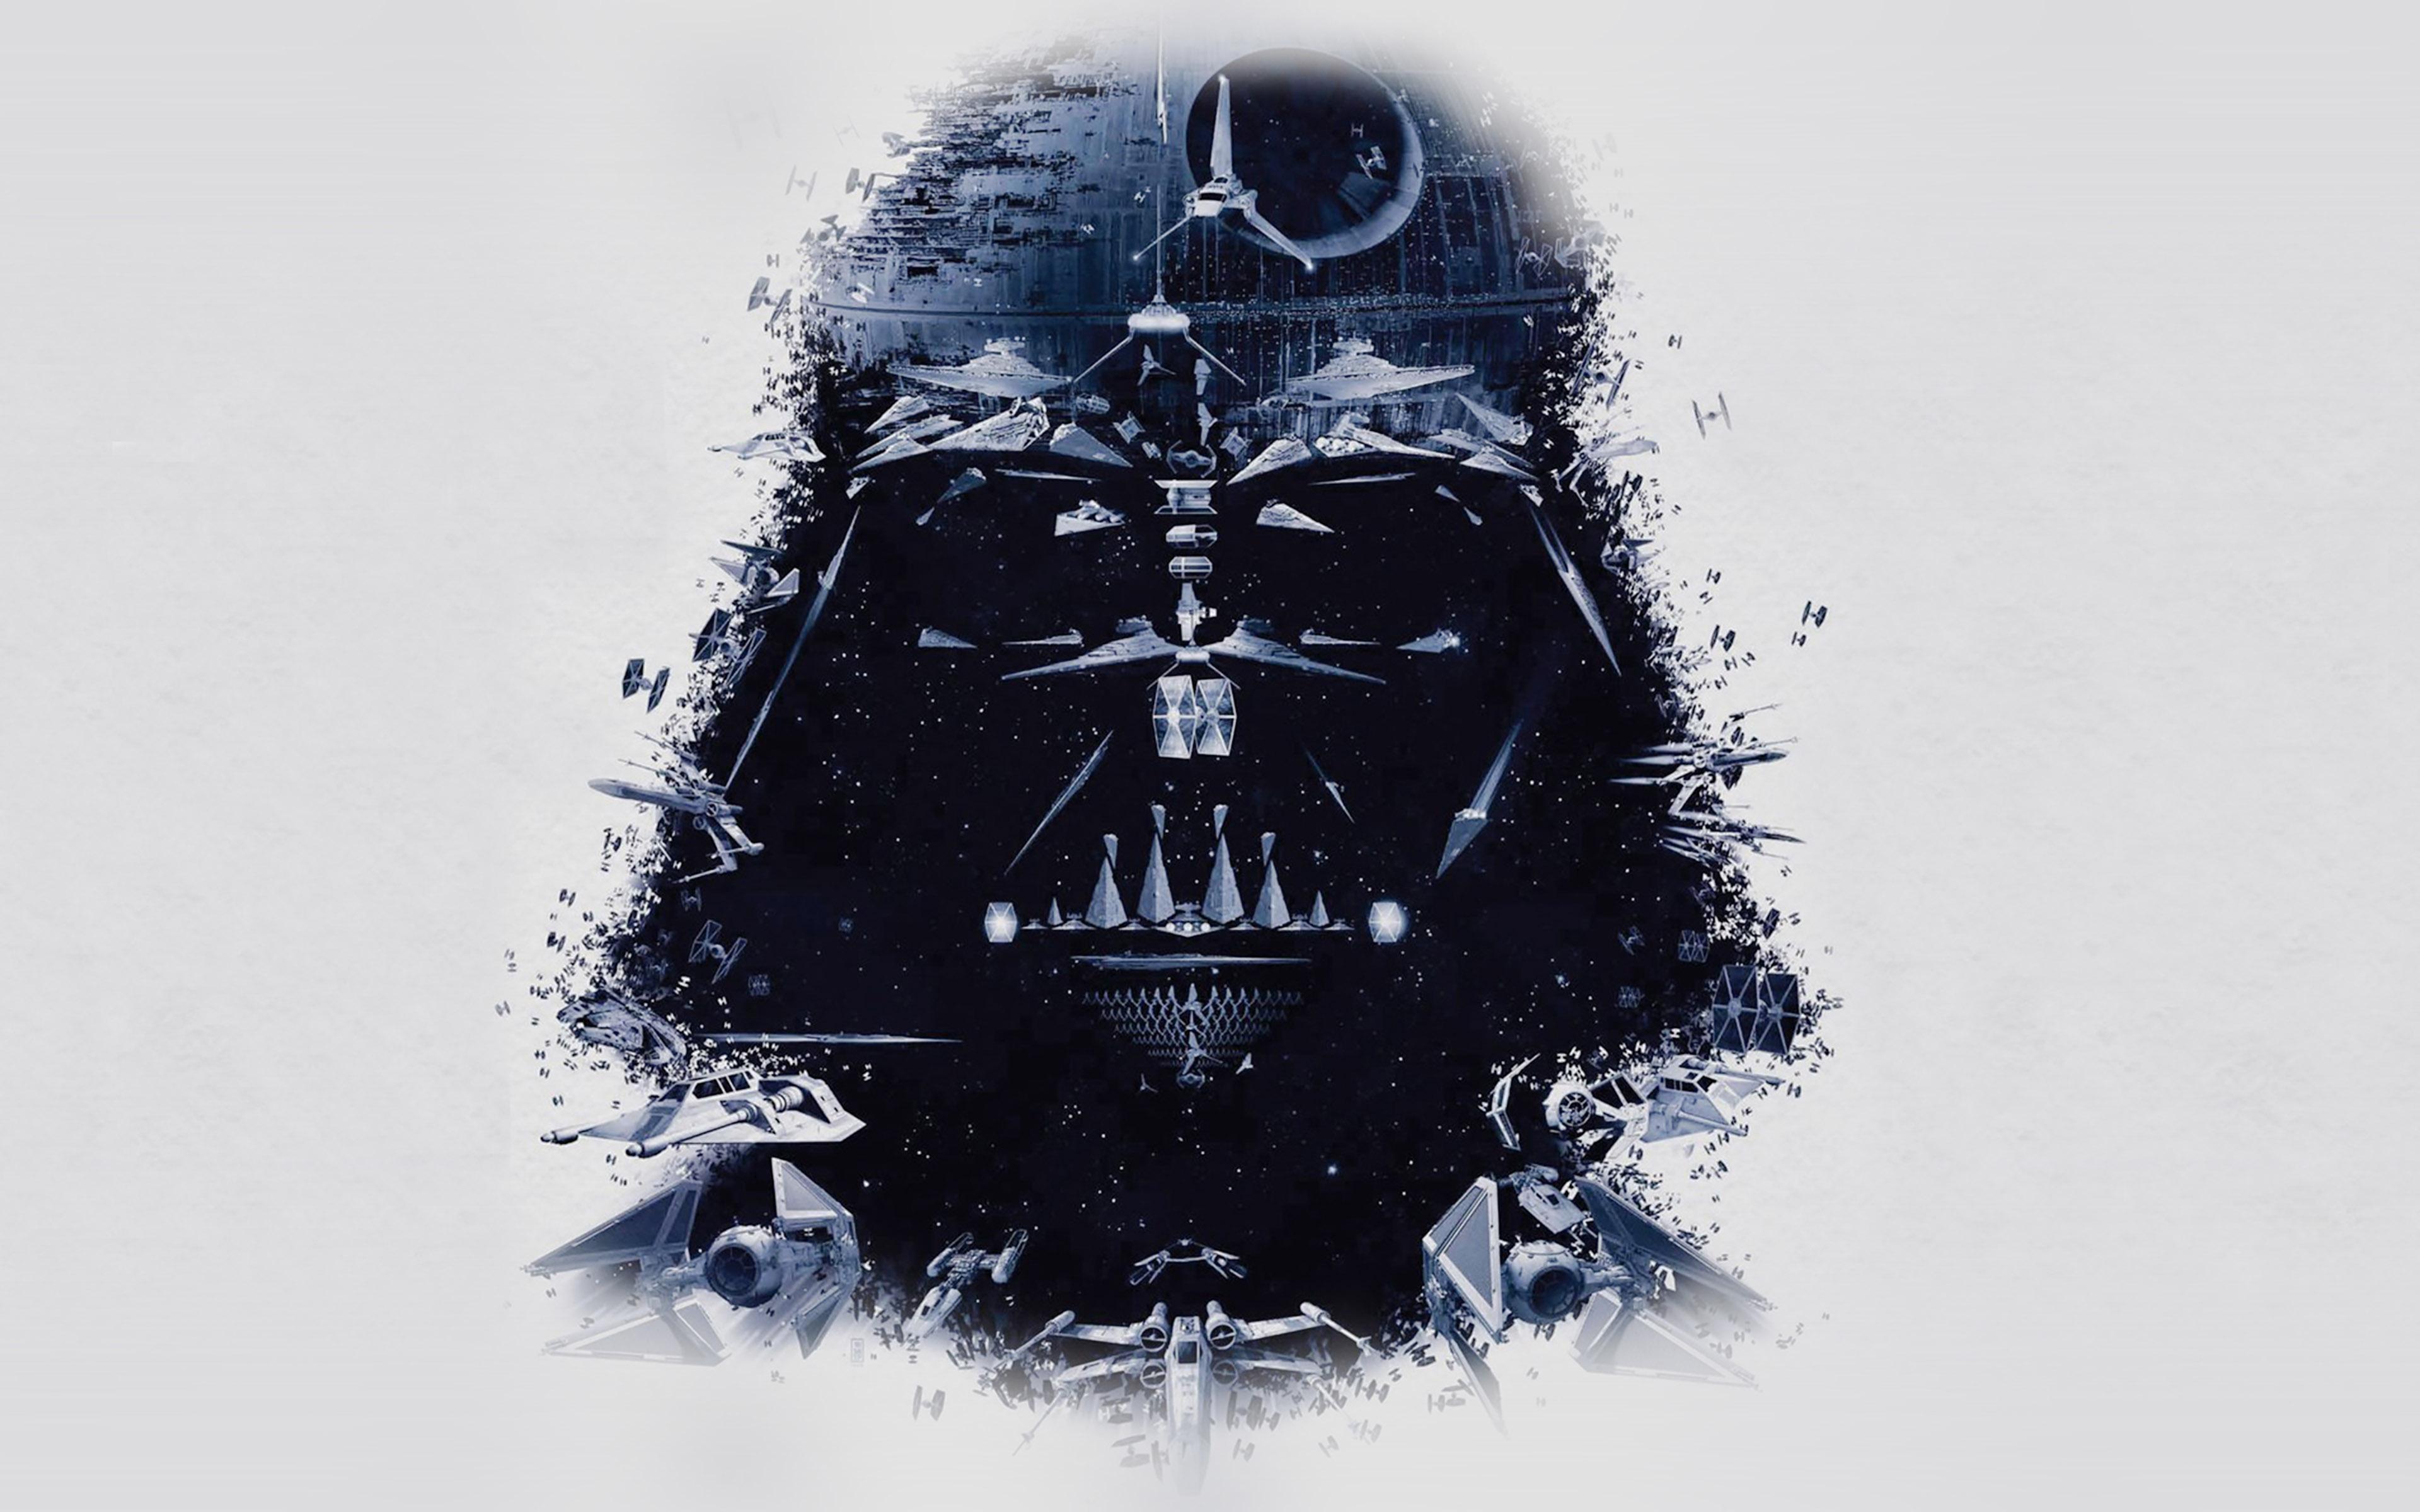 Darth Vader Wallpaper Iphone: Ac33-wallpaper-darth-vader-art-star-wars-illust